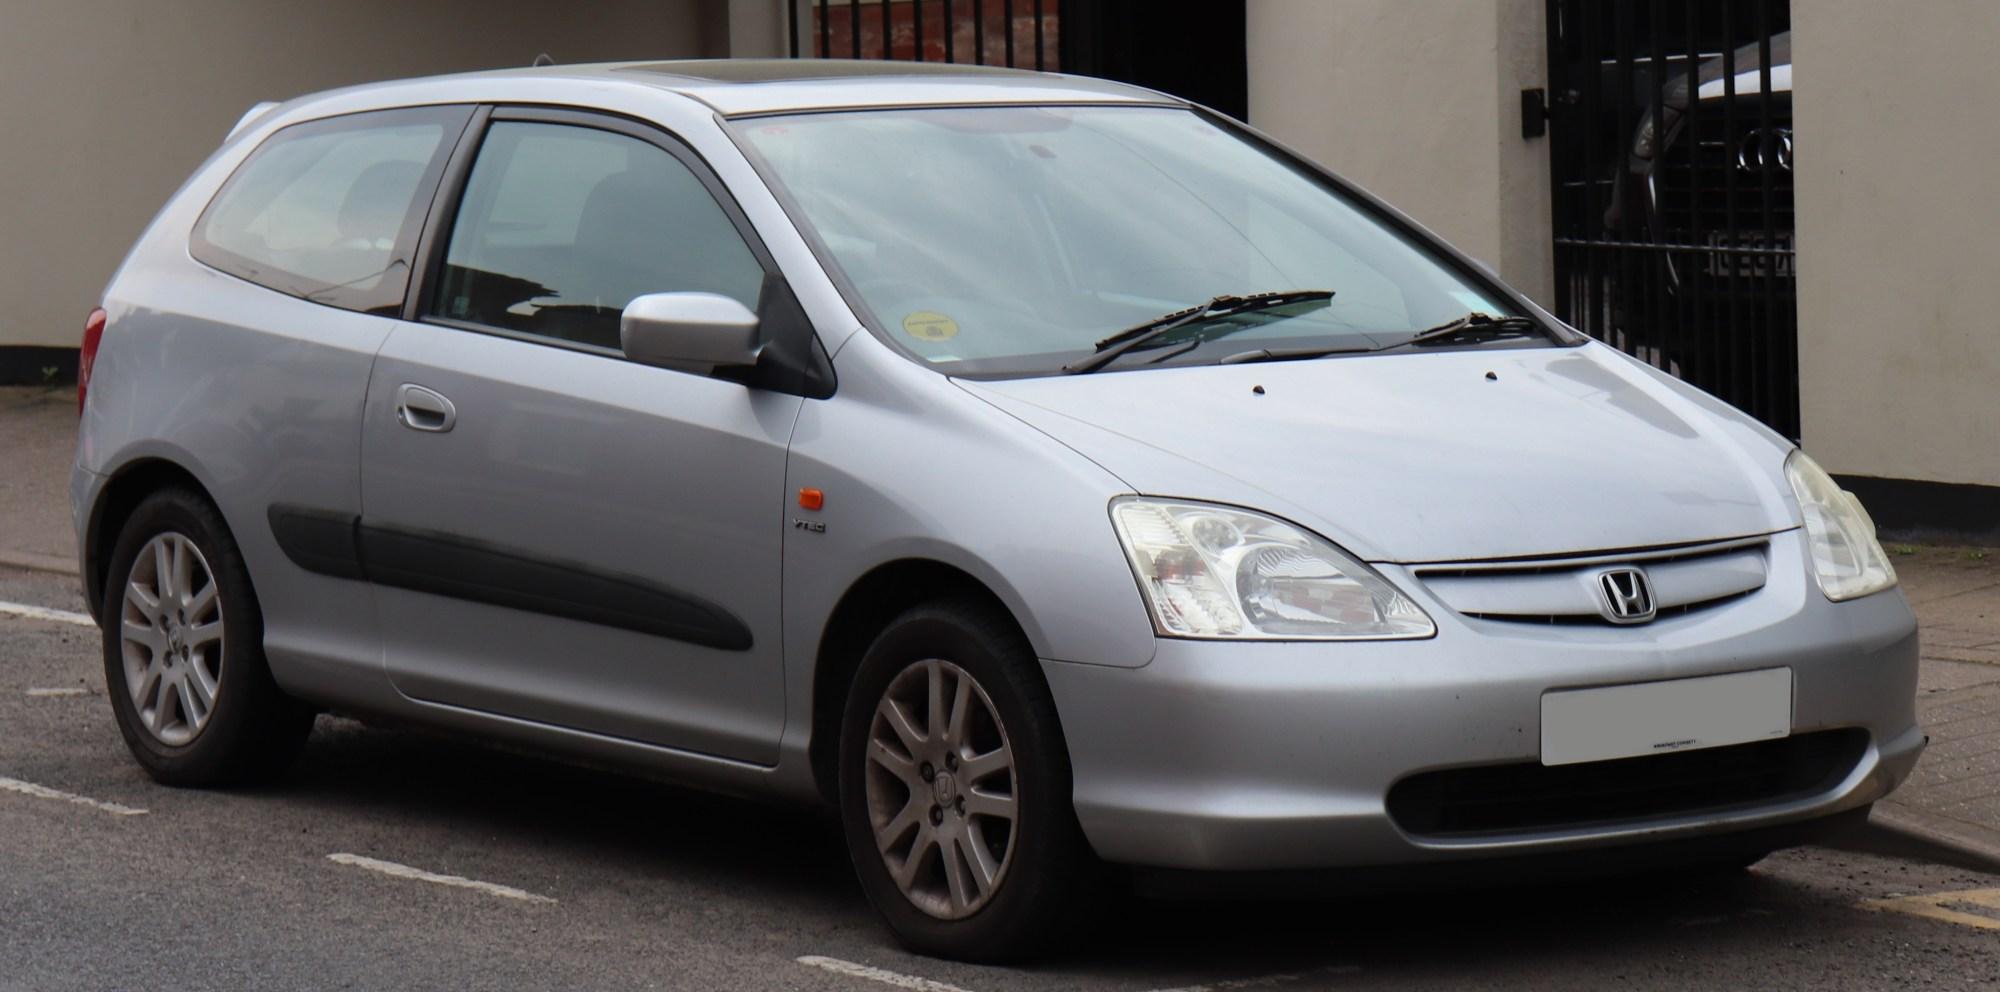 hight resolution of fuel filter 2003 honda civic lx sedan